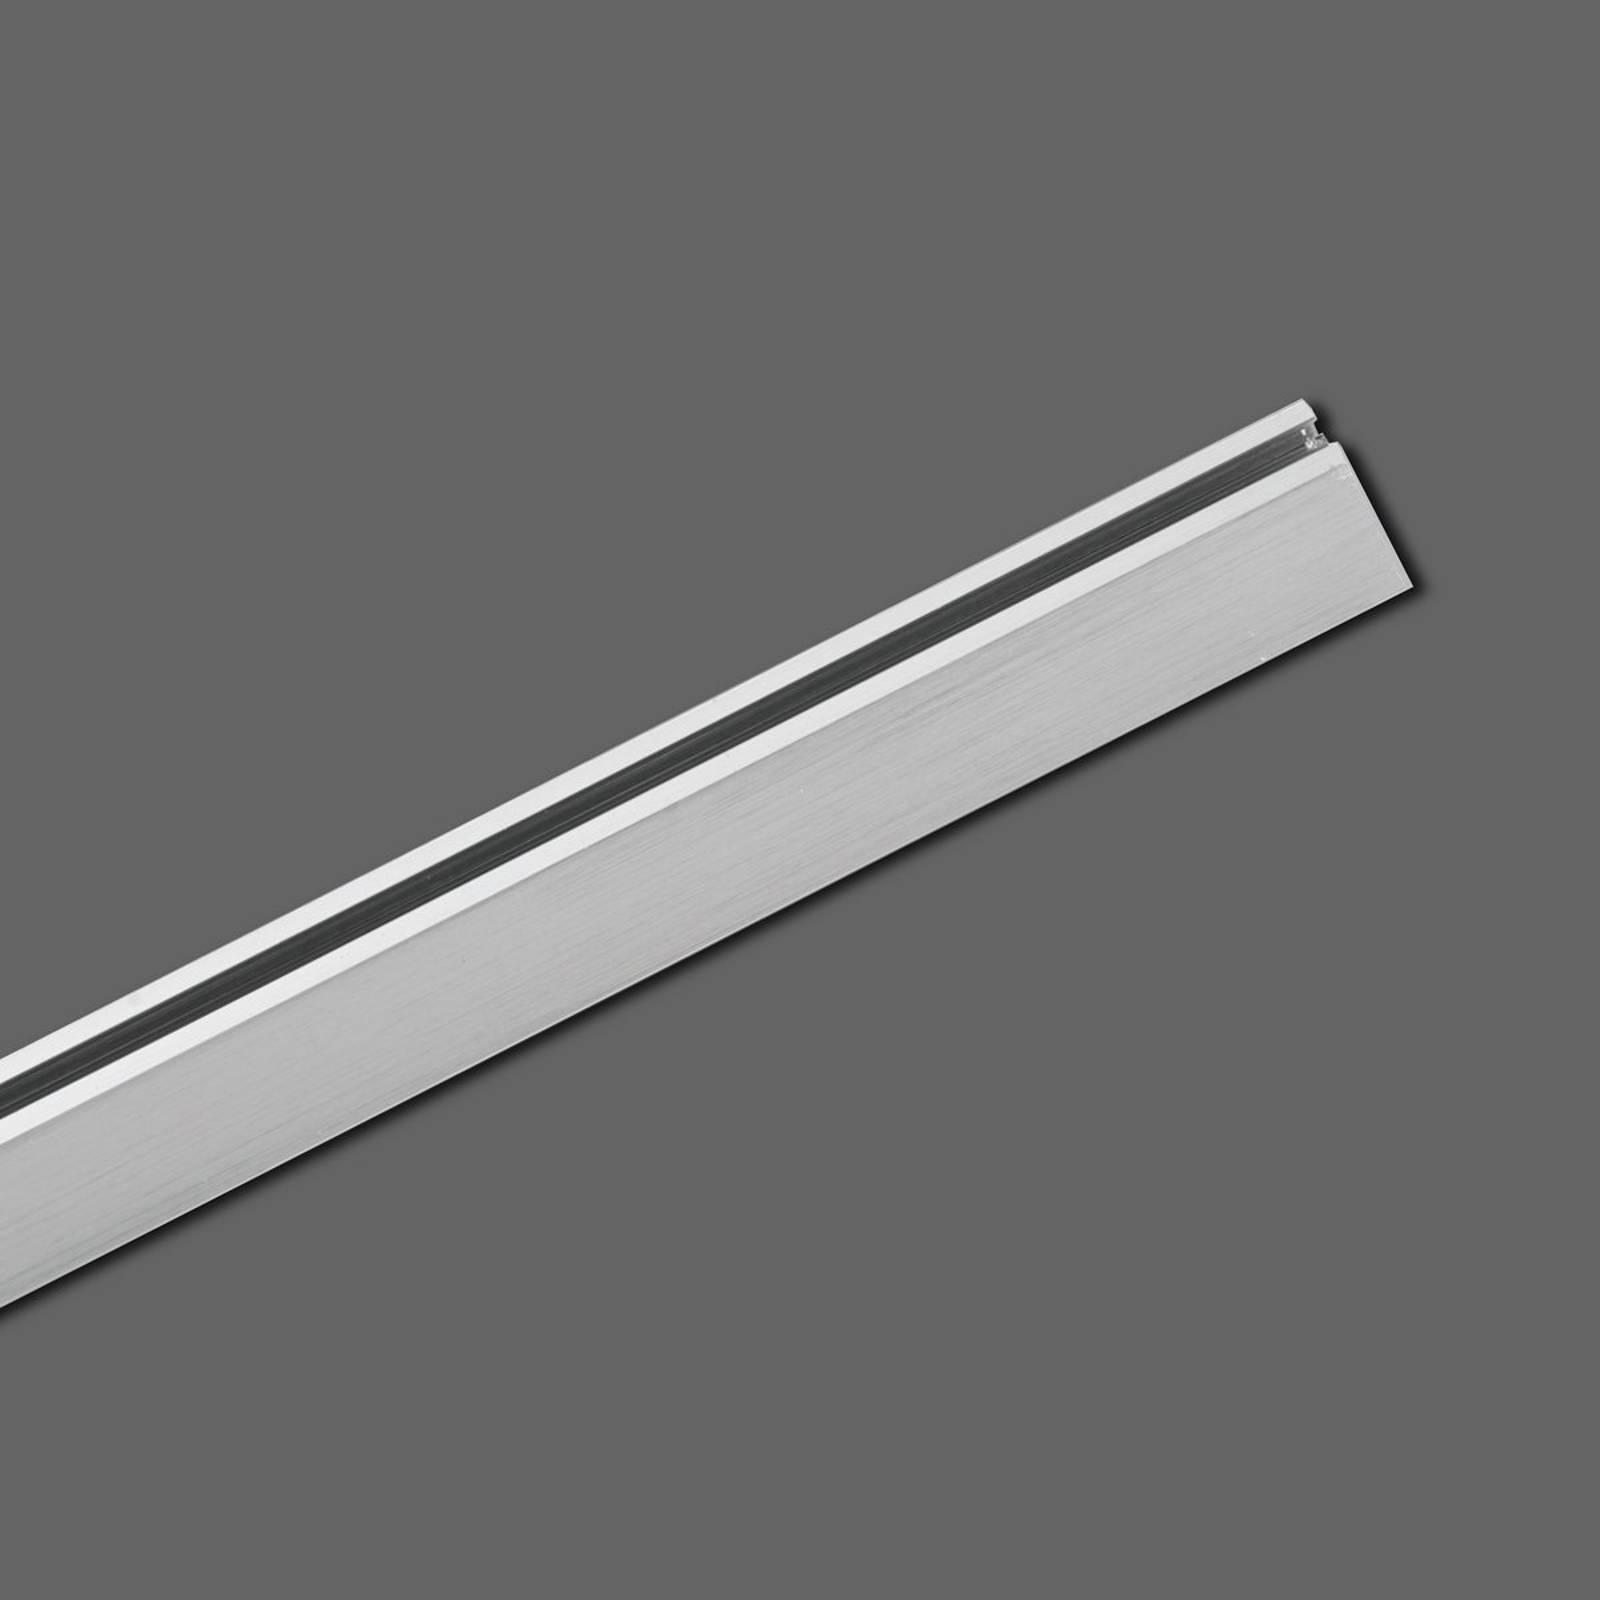 2-vaihe-HV-track4 m6 kisko, 100 cm